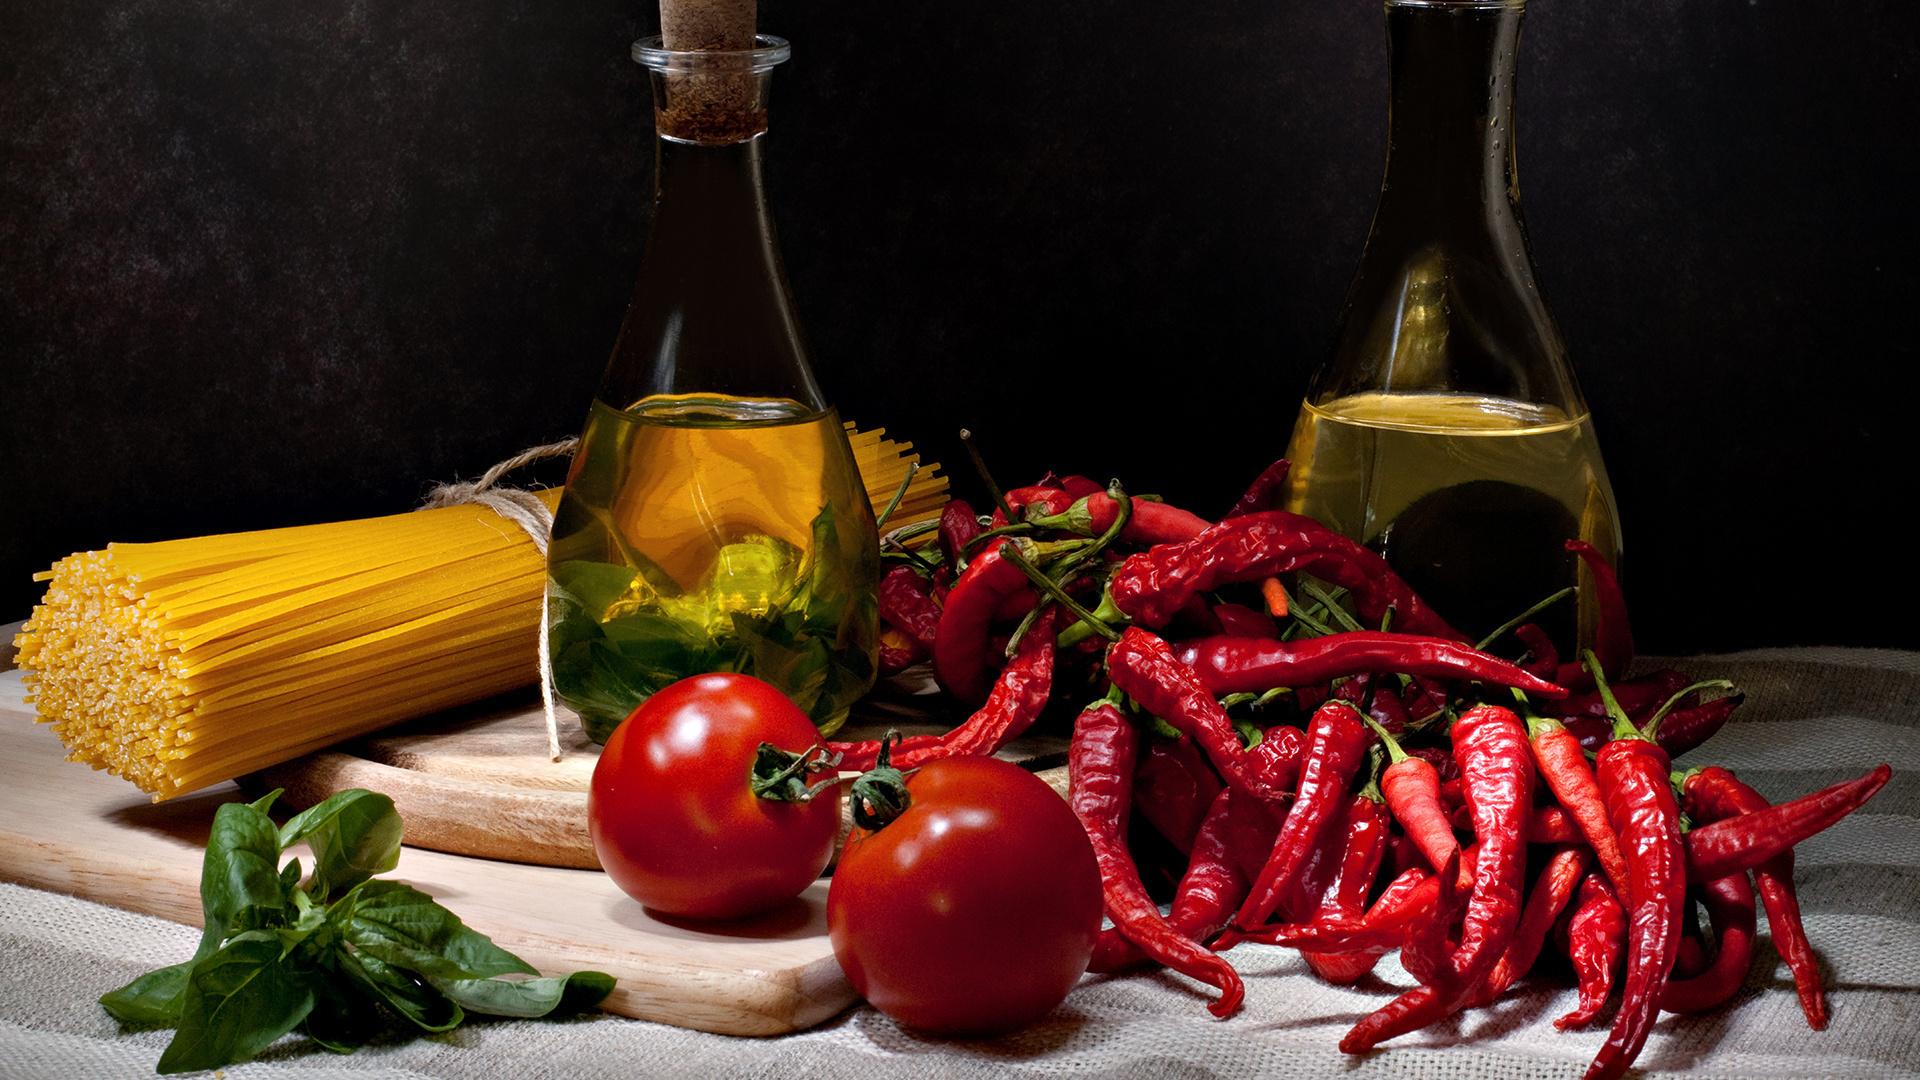 картинки еды в высоком качестве может устойчиво поддерживать